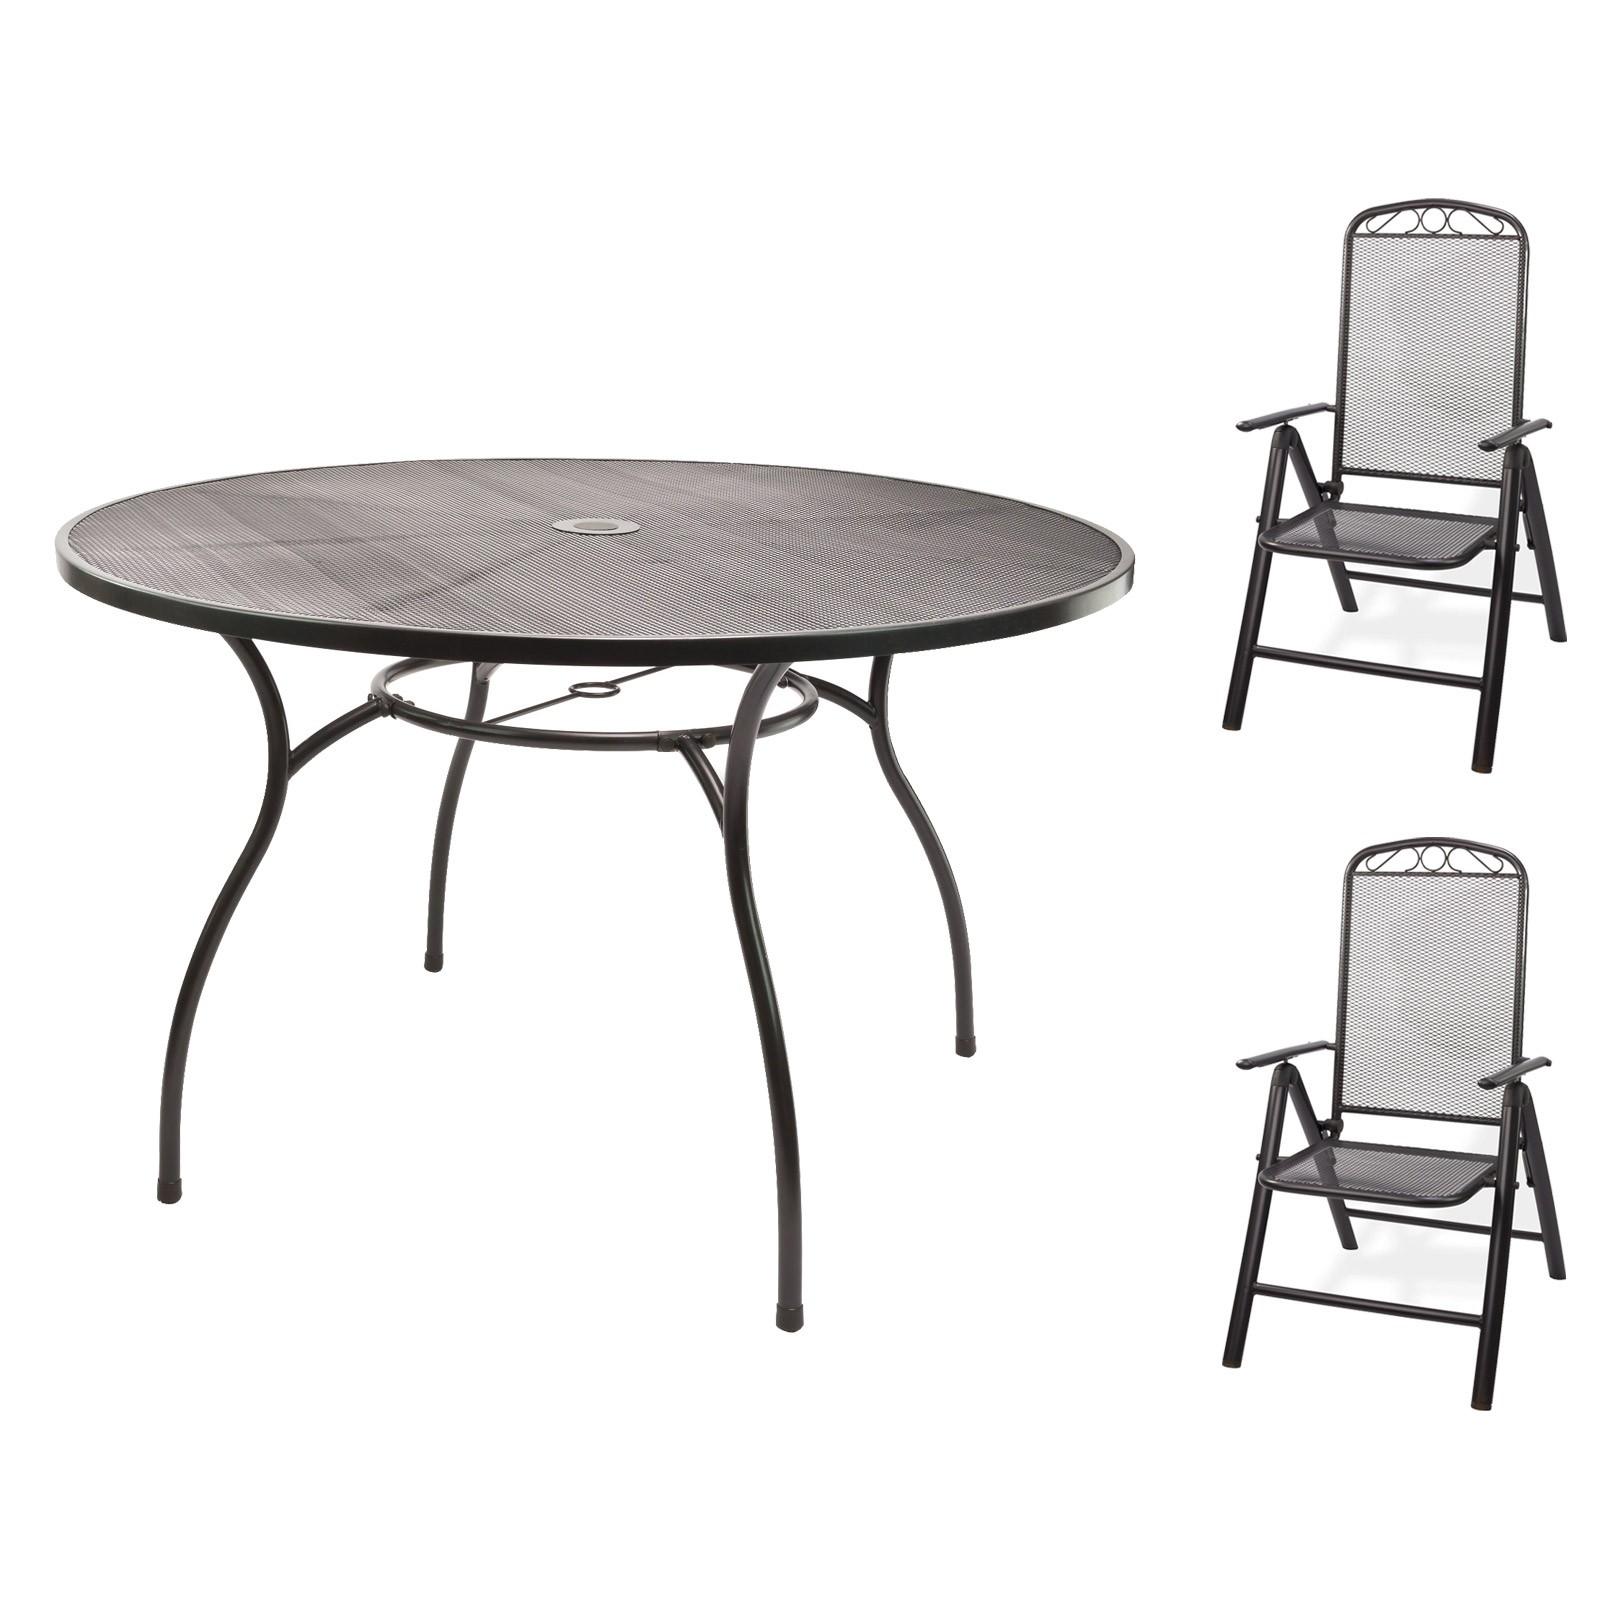 Metall 1 x Tisch rund 120x71 + 2 x Stuhl Set